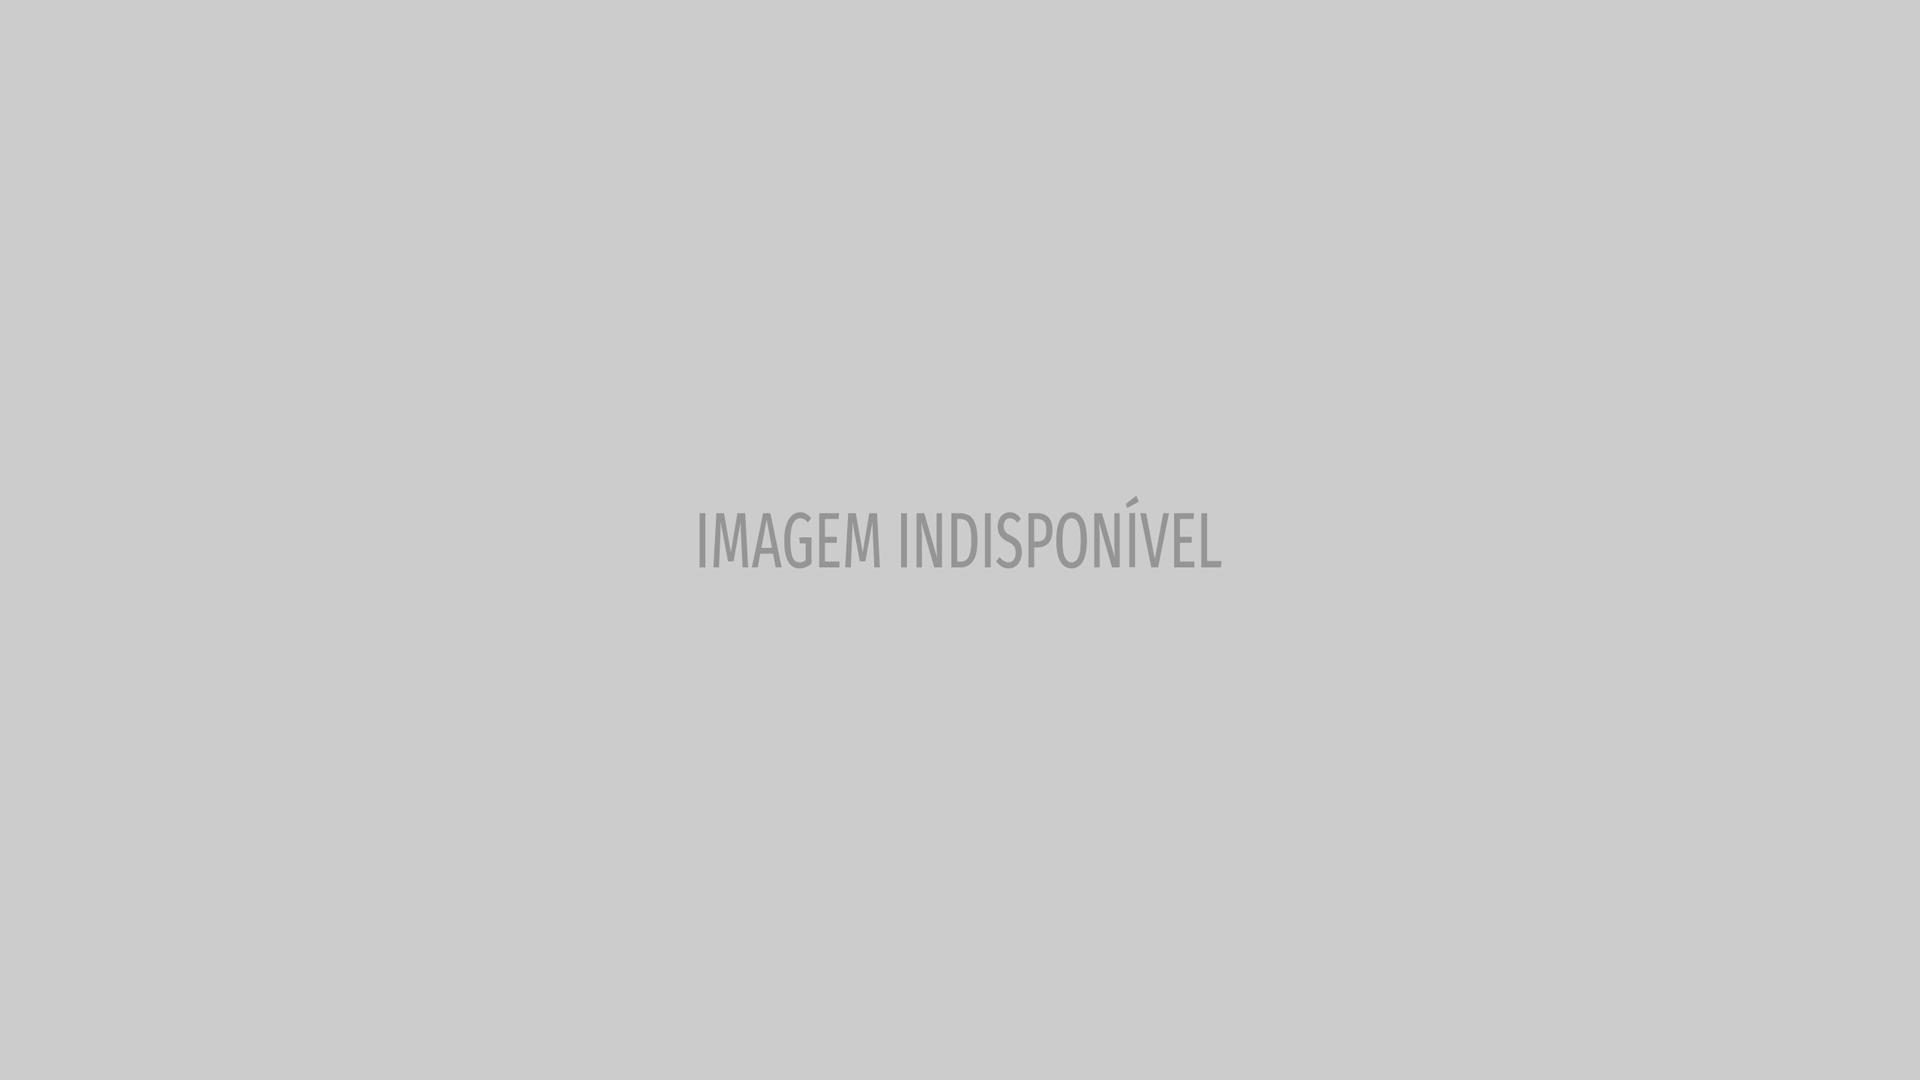 Silva lança clipe de parceria com Anitta no Dia dos Namorados